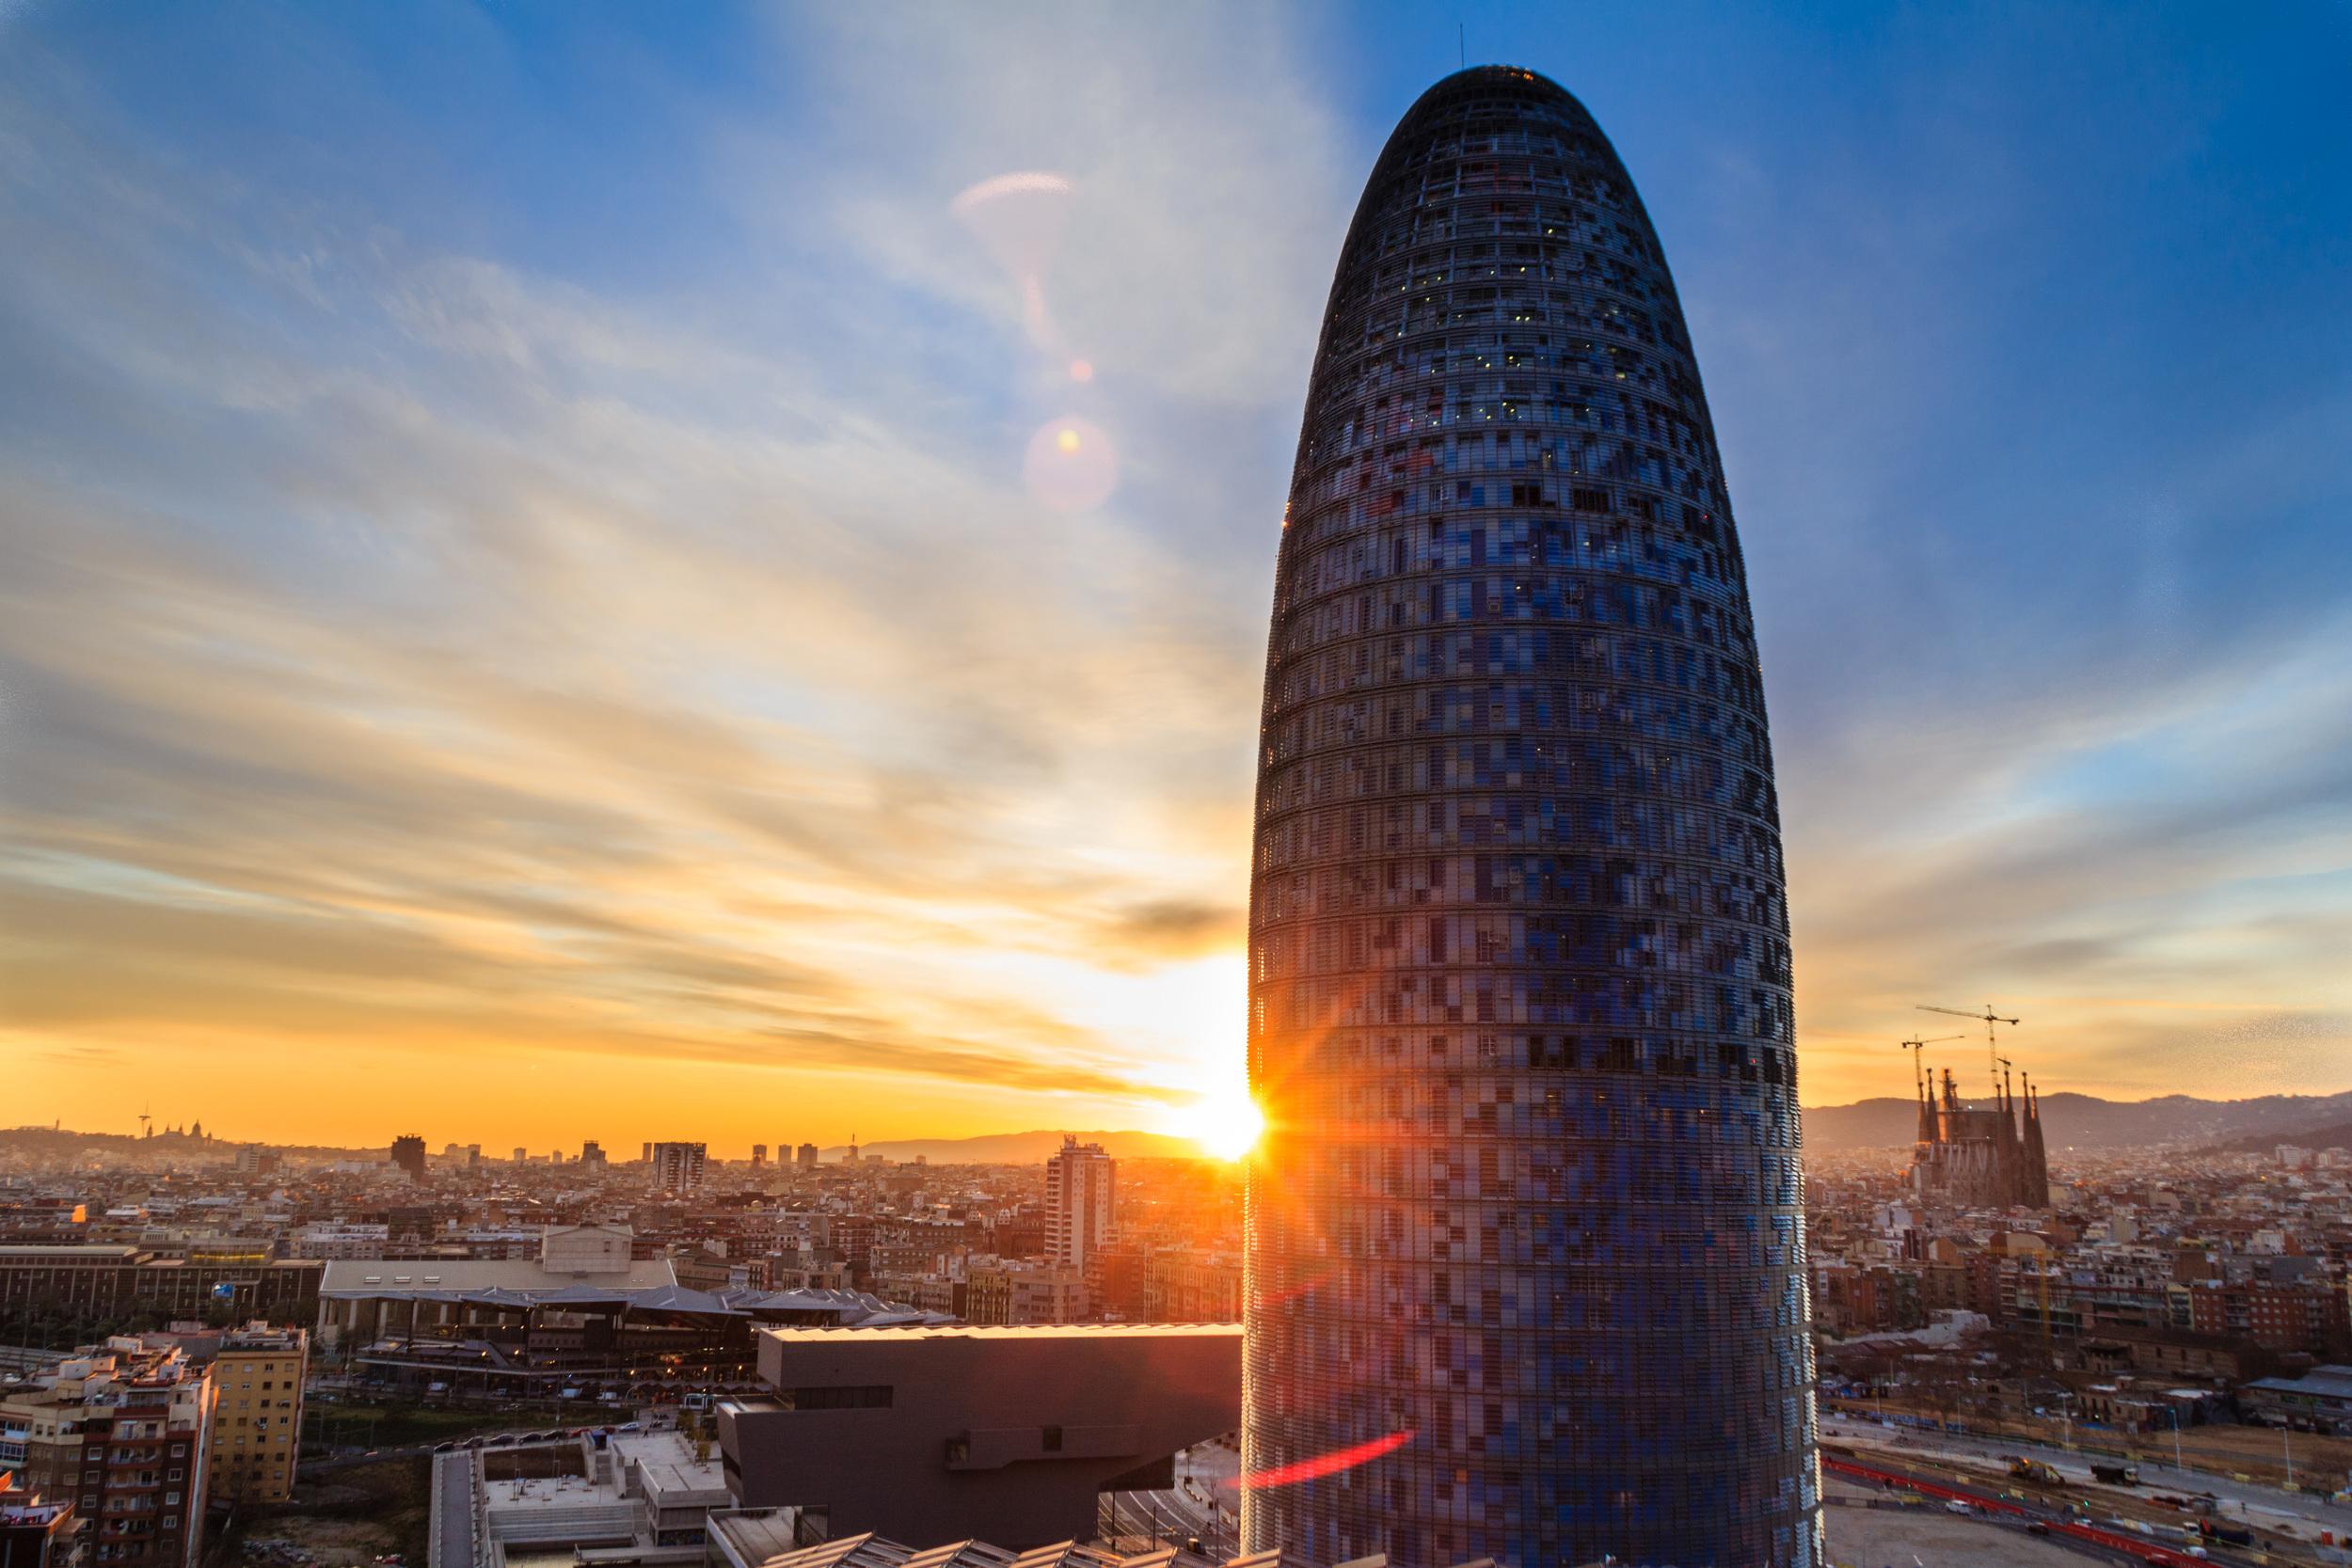 Torre Agbar and Sagrada Familia.